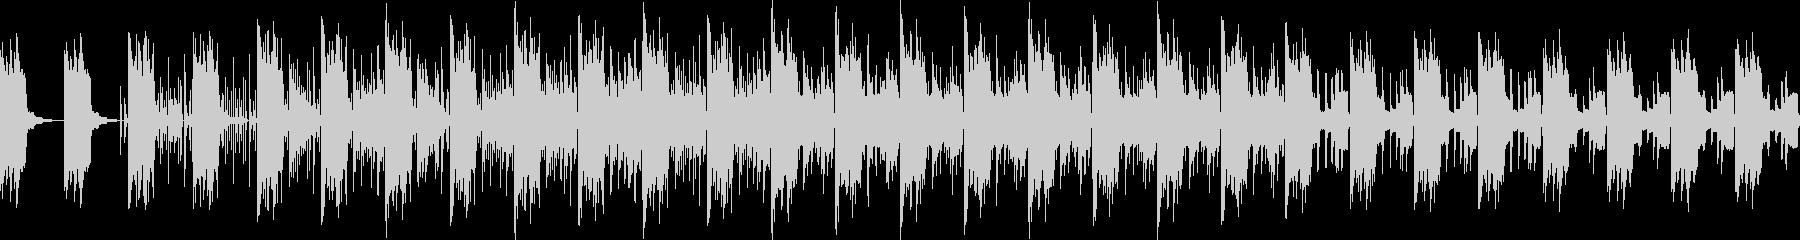 ピコピコでちょっぴり感動的なアンビエントの未再生の波形